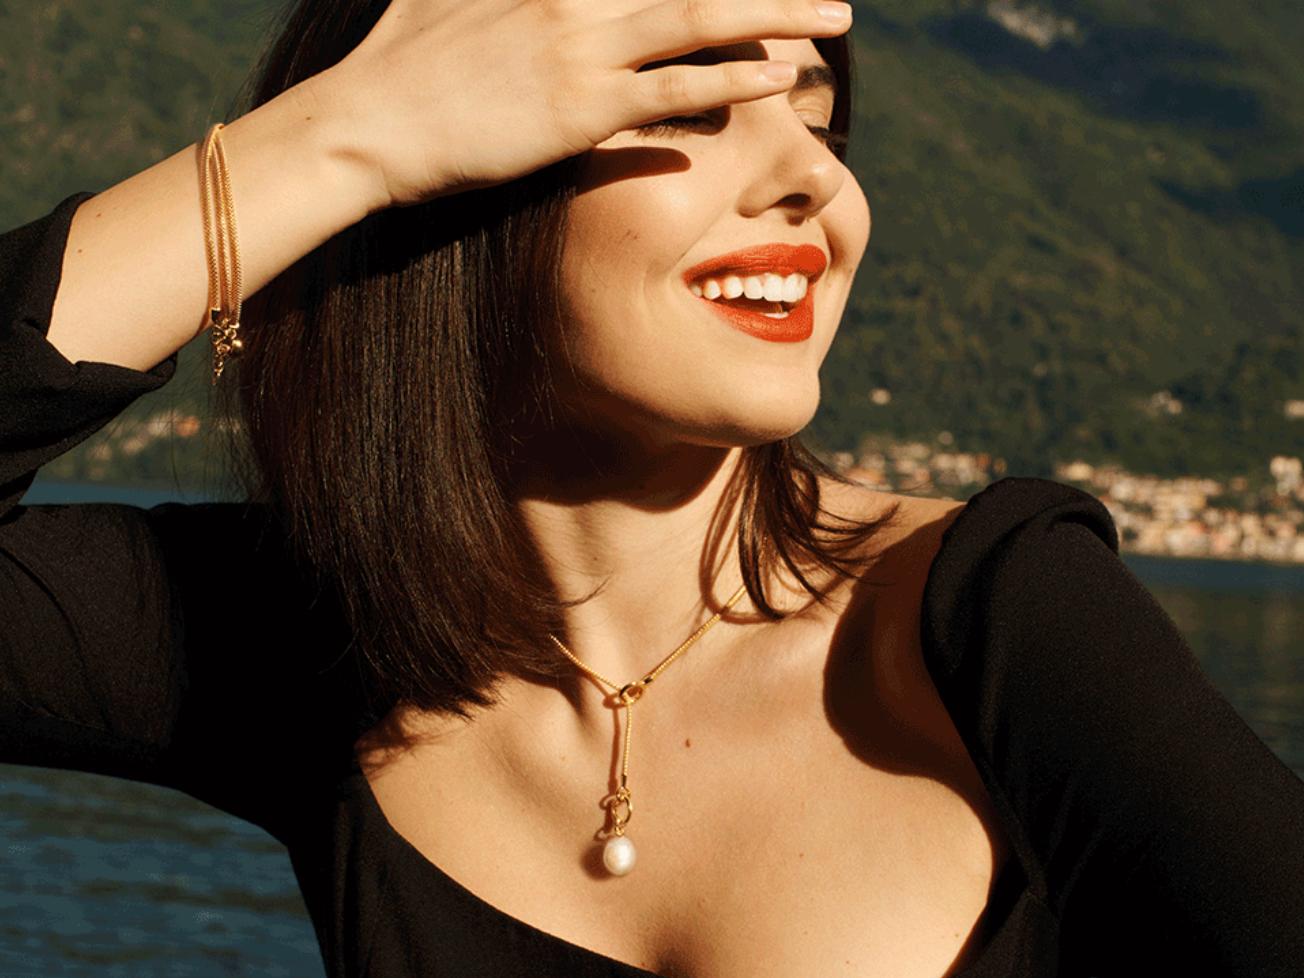 Natasha Aimee - Monica Vinader x DOINA